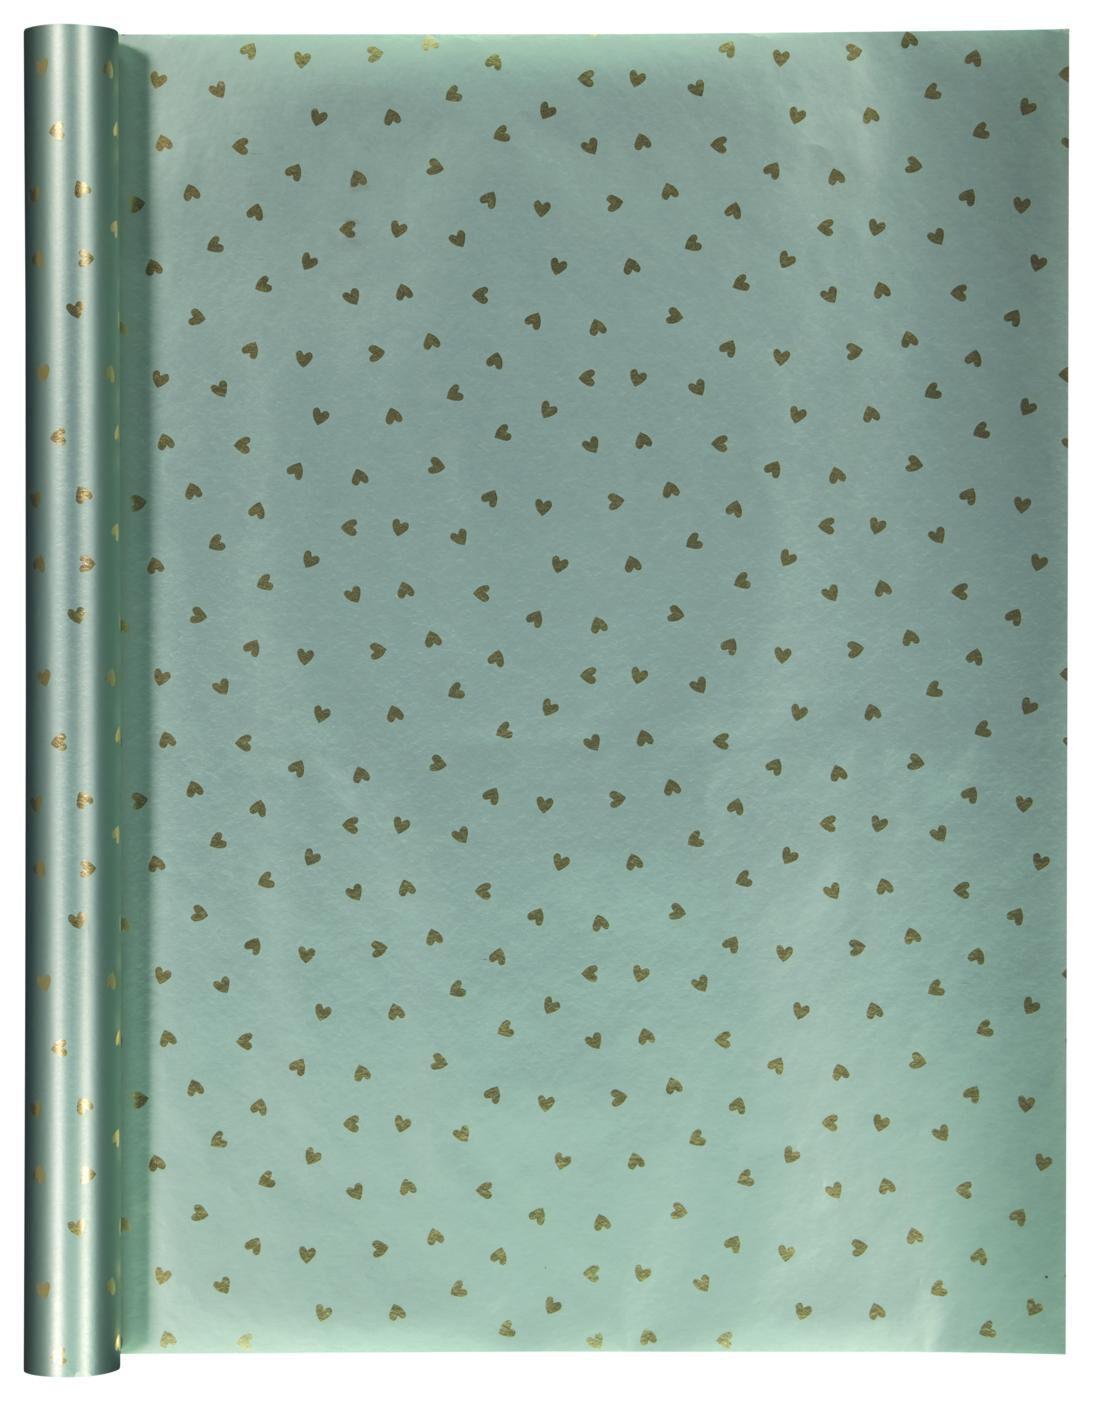 HEMA Kaftpapier 300x50 Hartjes